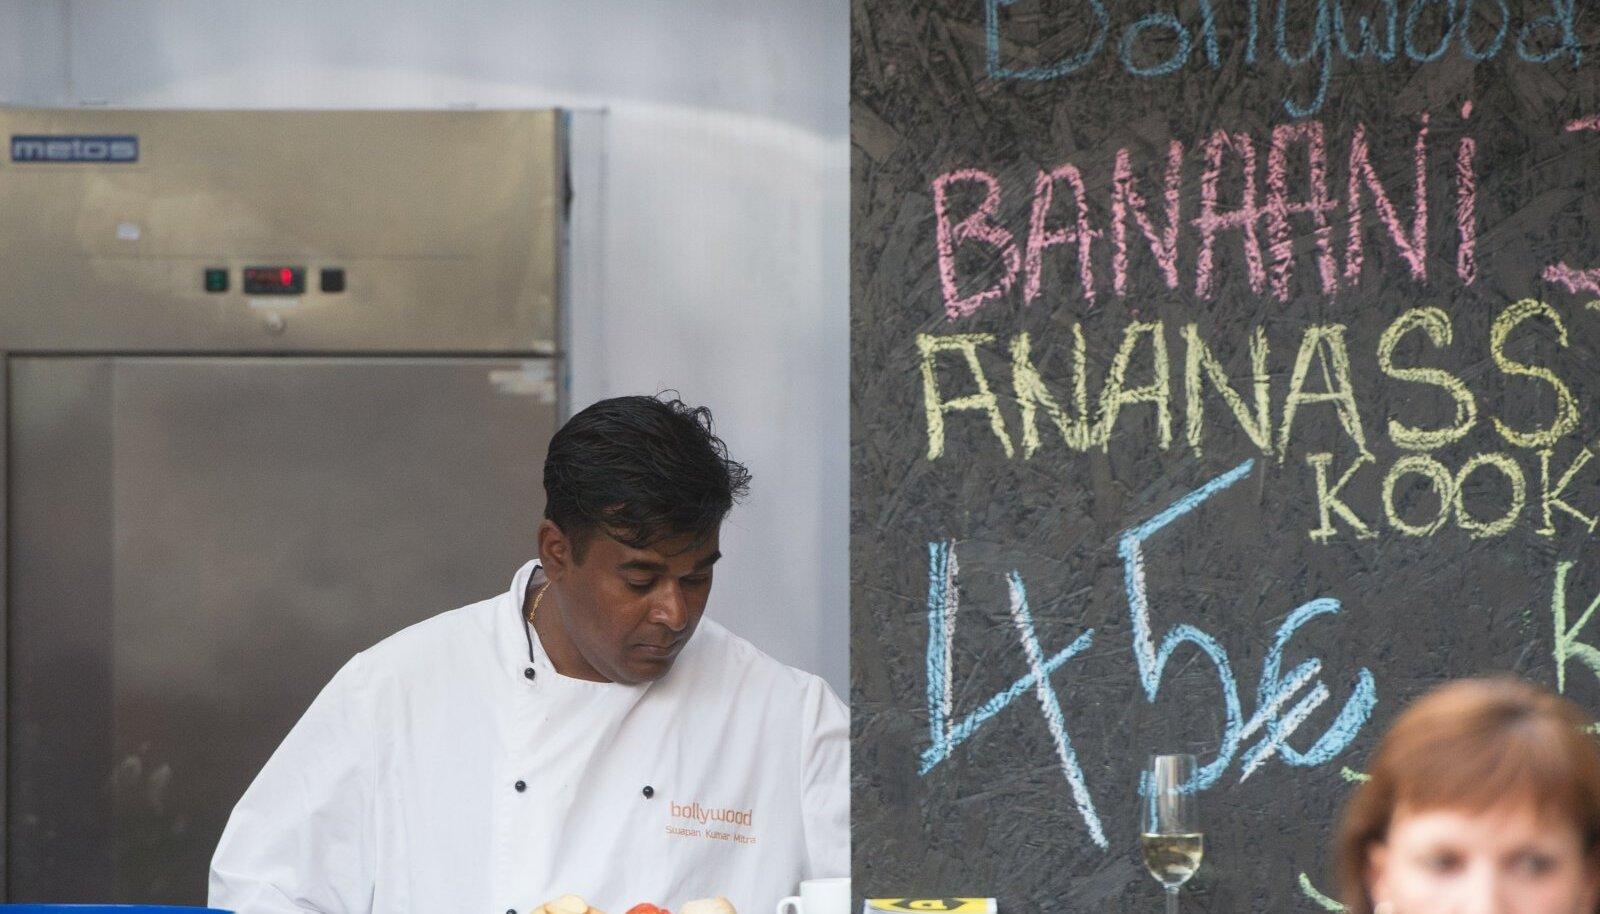 Keskmise palga nõue tekitab paljudes sektorites trotsi. Suurem osa eestlasi keskmist palka ei saa, miks peaks seda võõrtööjõule maksma?